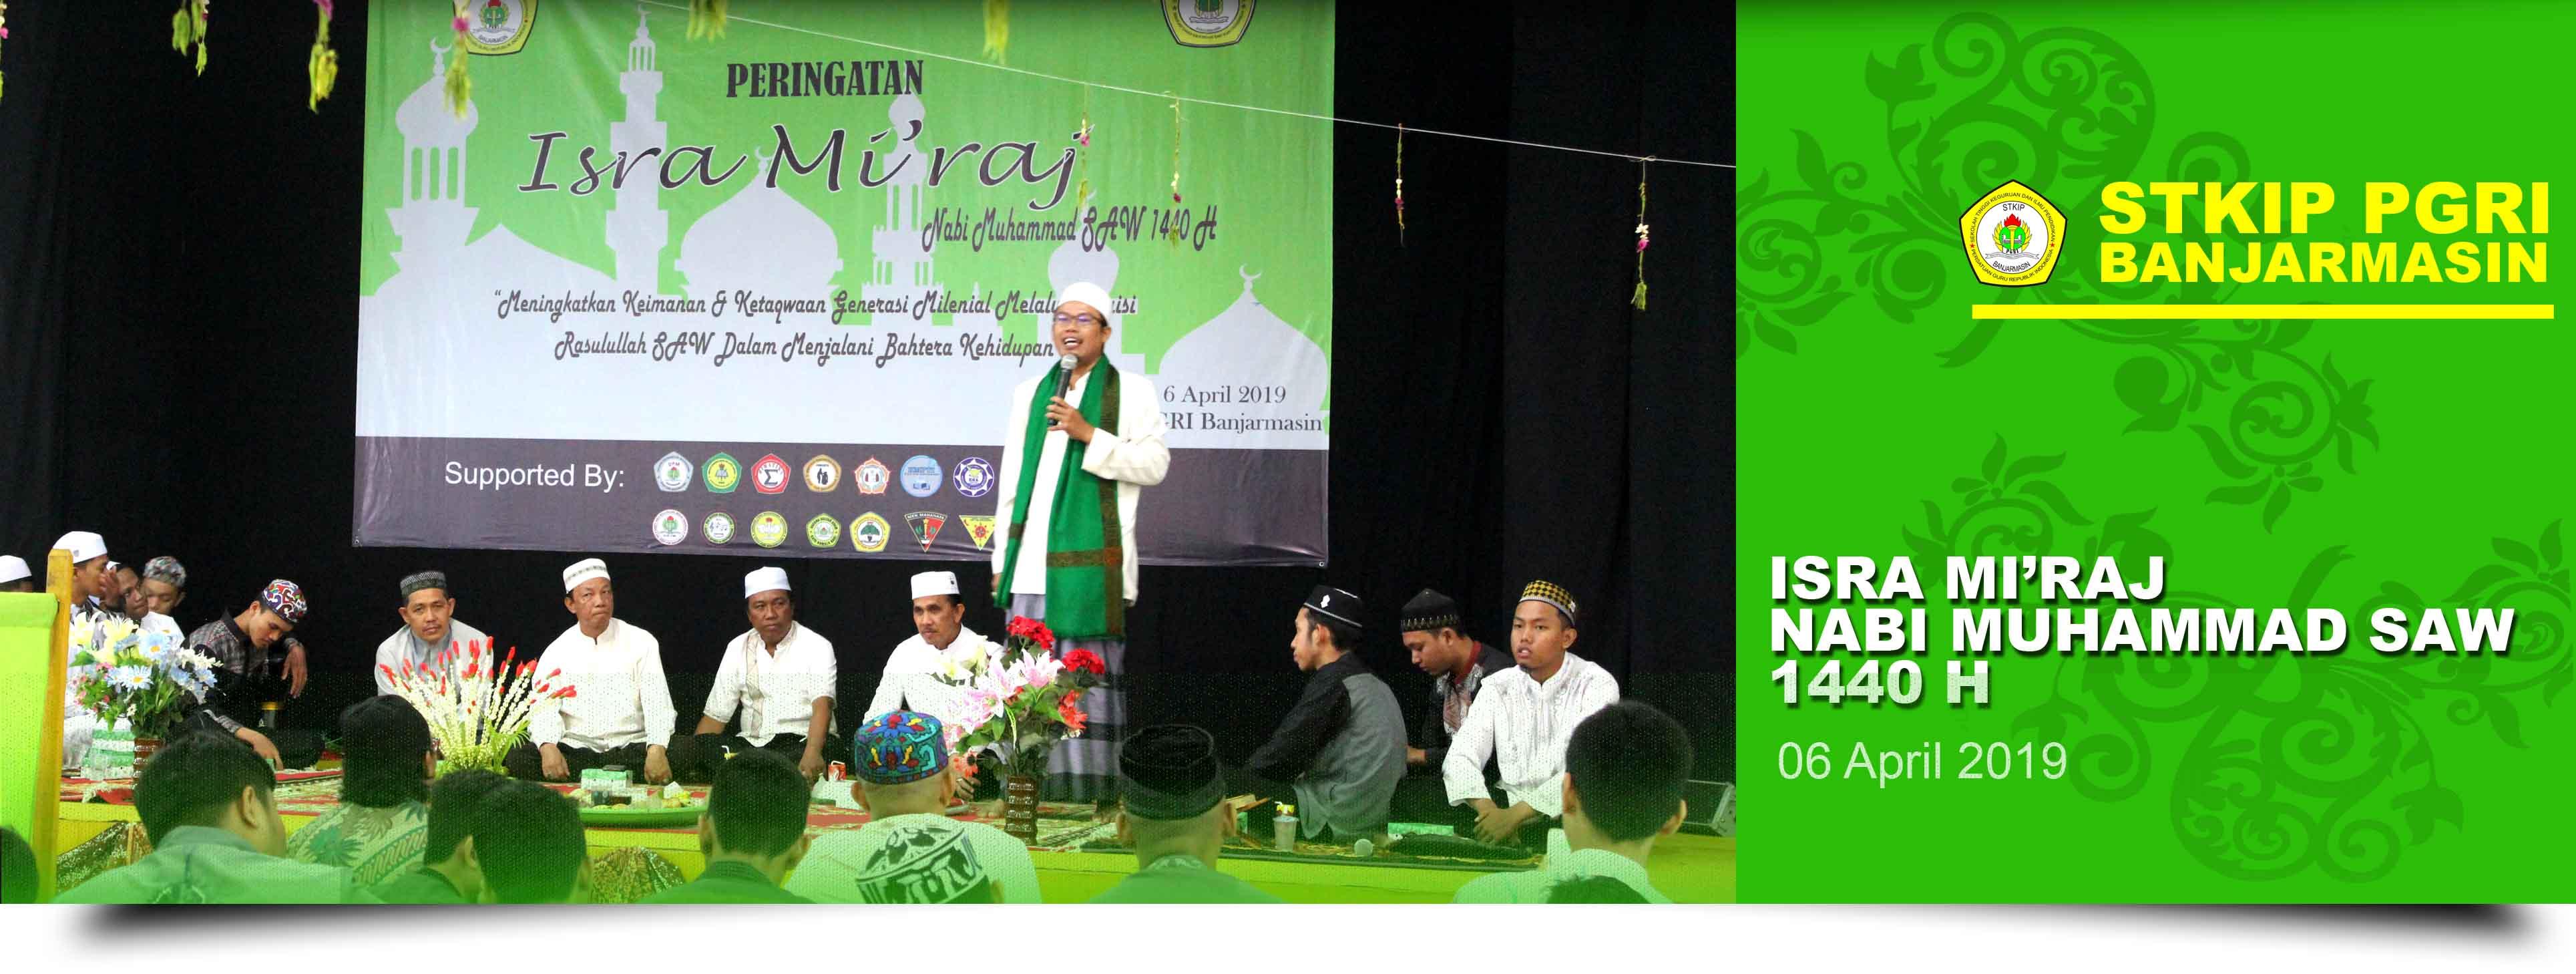 Peringatan Isra Miraj Nabi Muhammad SAW 1440 H